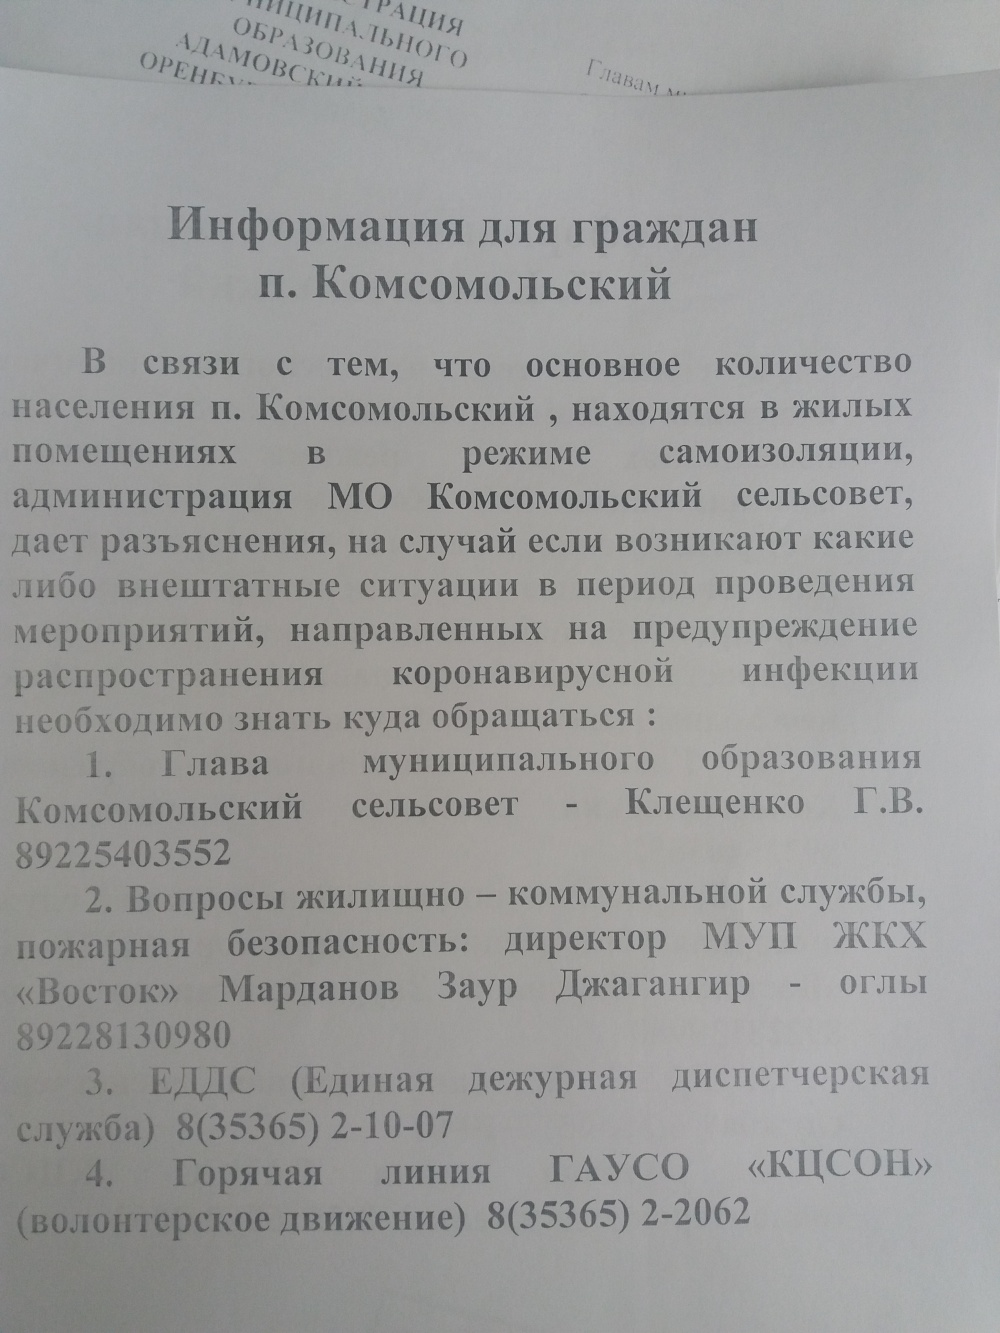 Информация для граждан п. Комсомольский